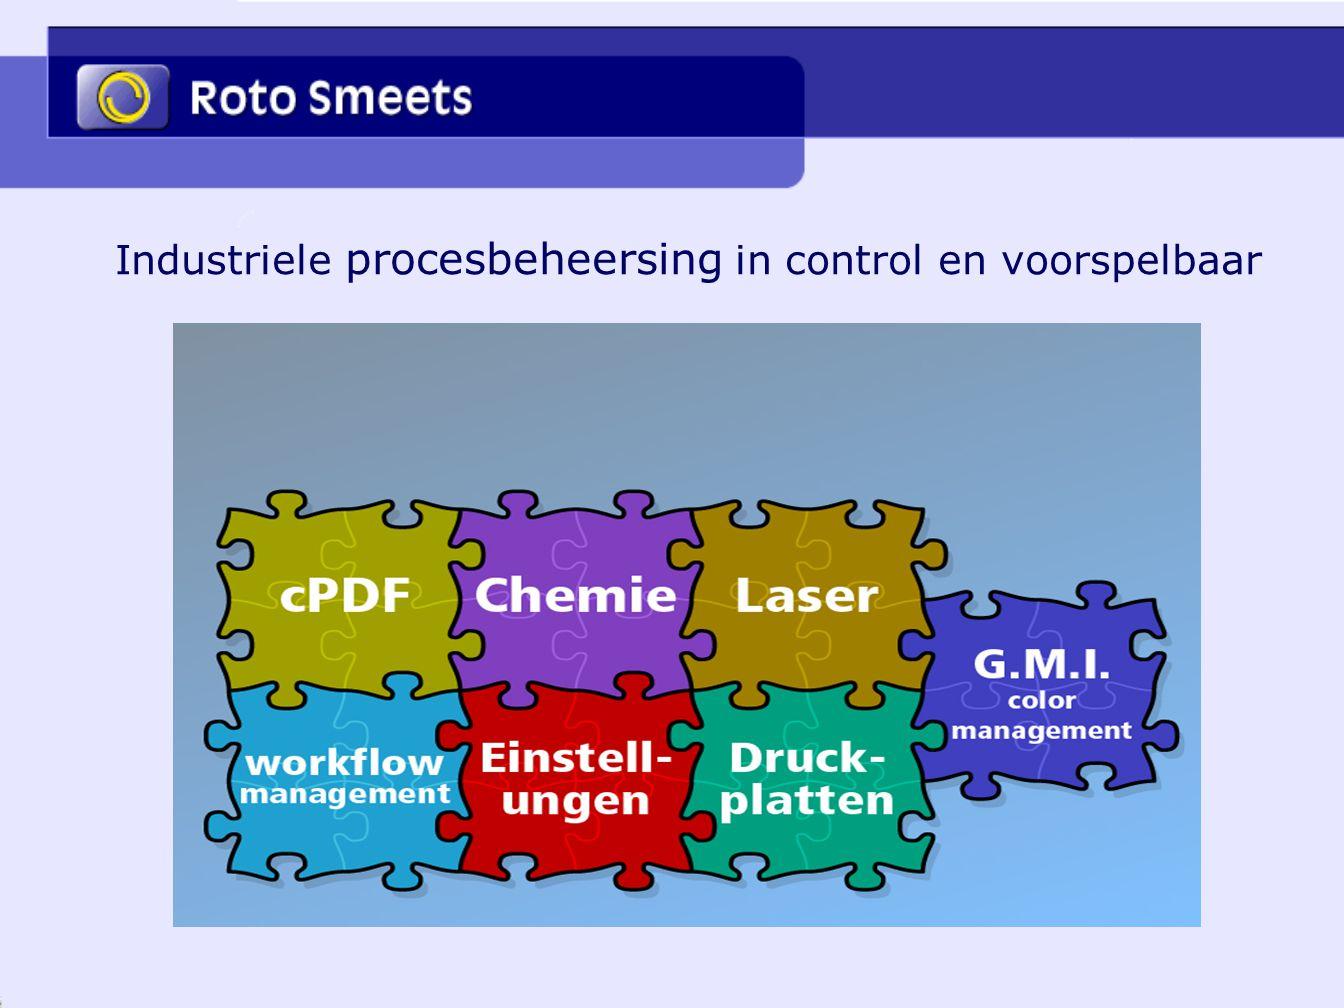 Industriele procesbeheersing in control en voorspelbaar